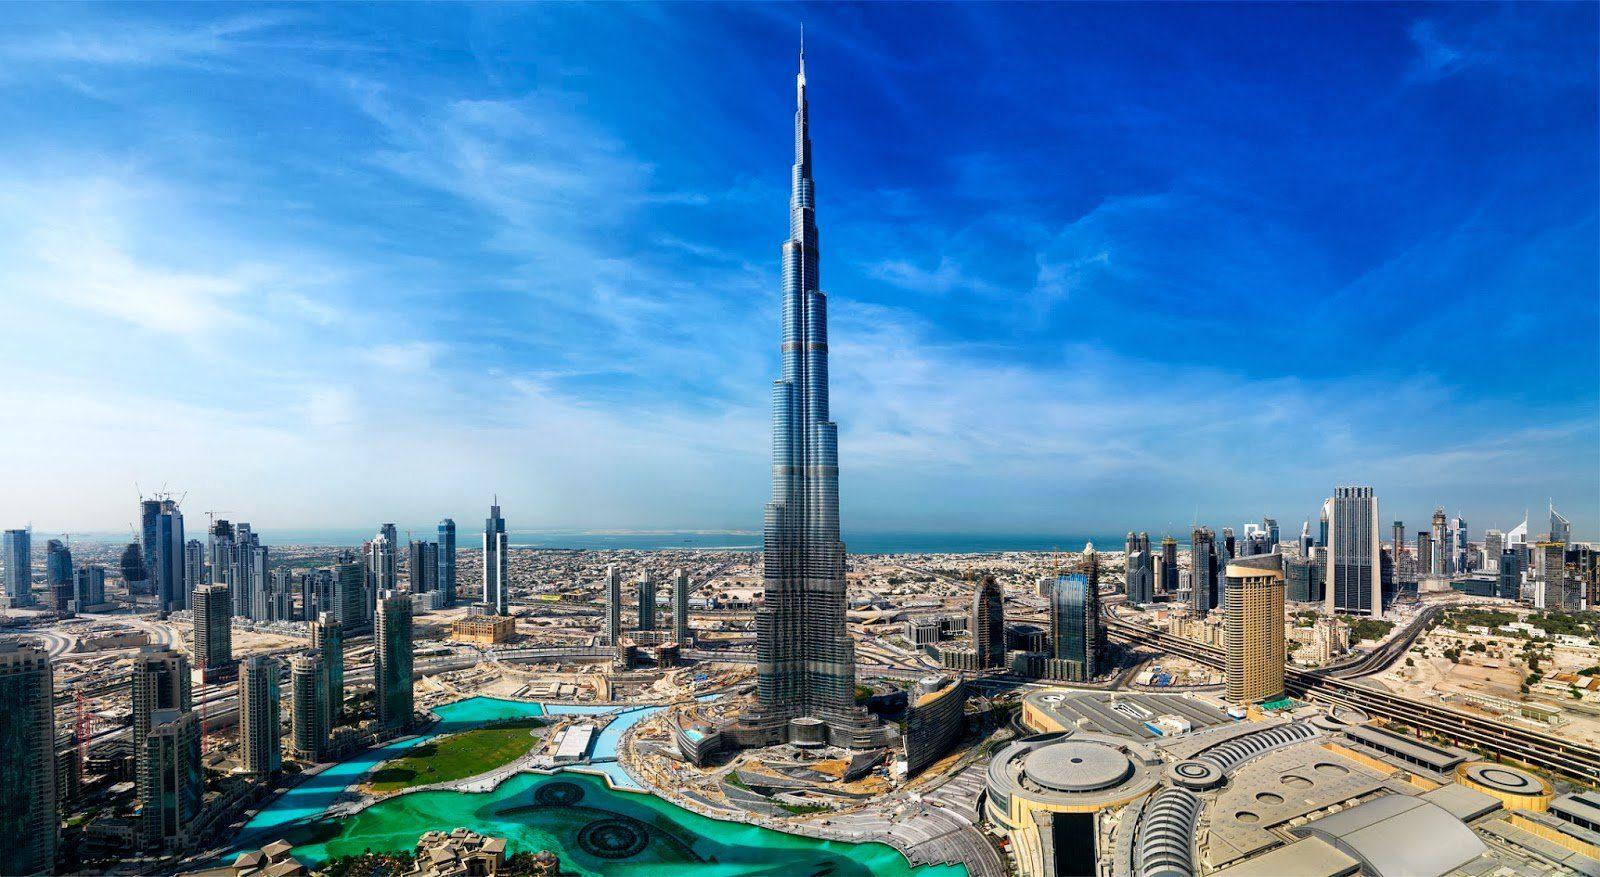 الإمارات تطلق رسمياً نظام البطاقة الذهبية للاقامة الدائمة